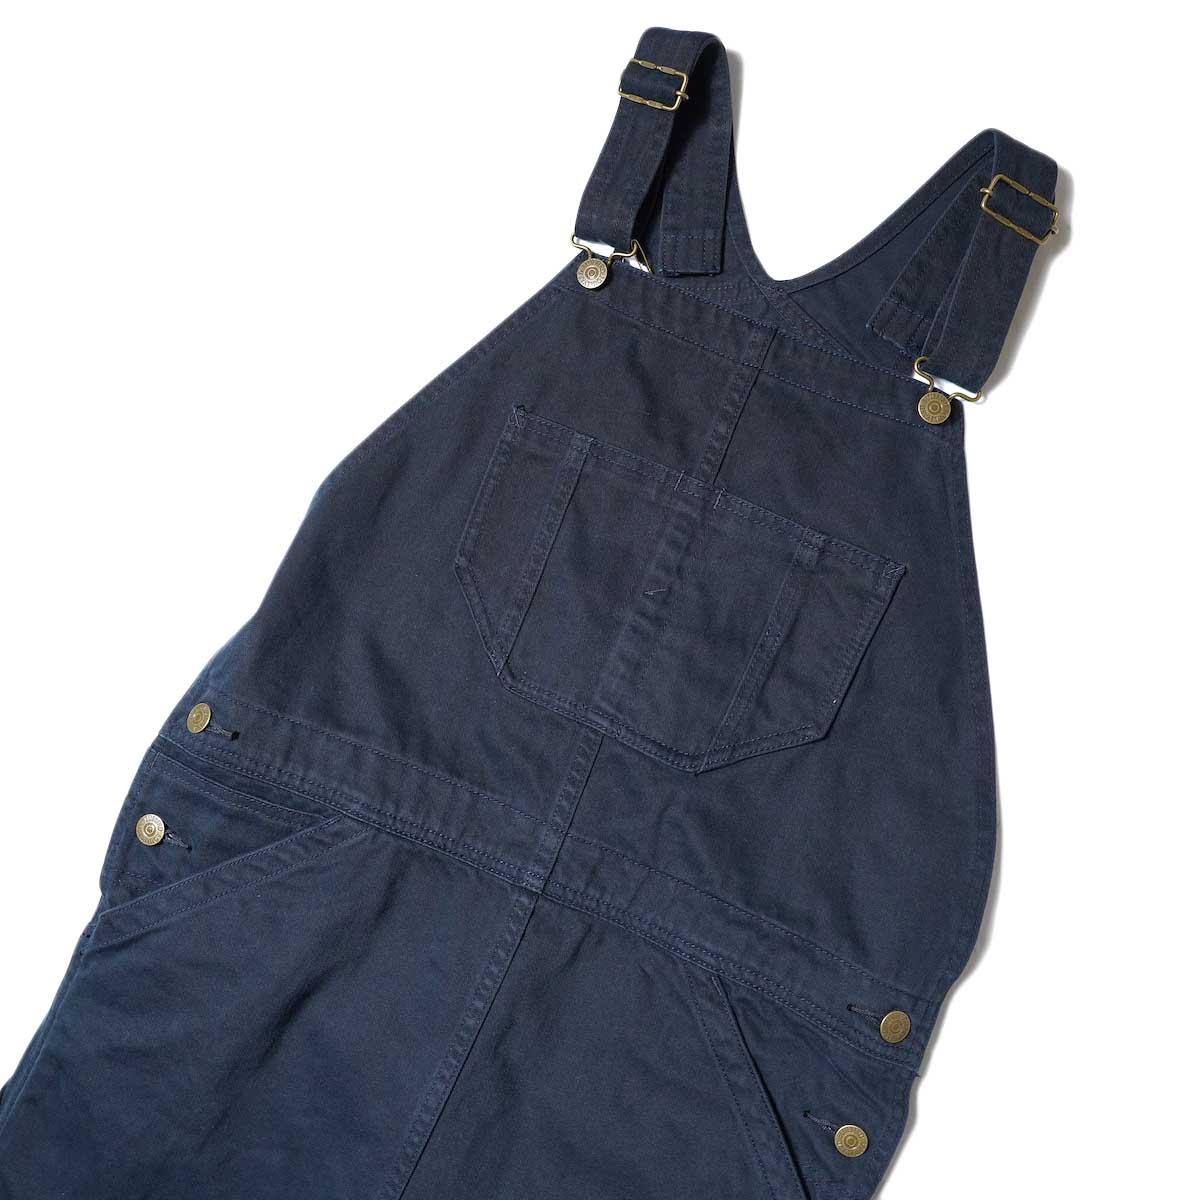 BLUEBIRD BOULEVARD / Classic Warm Worker Satin Jumper Dress (Navy) フロント